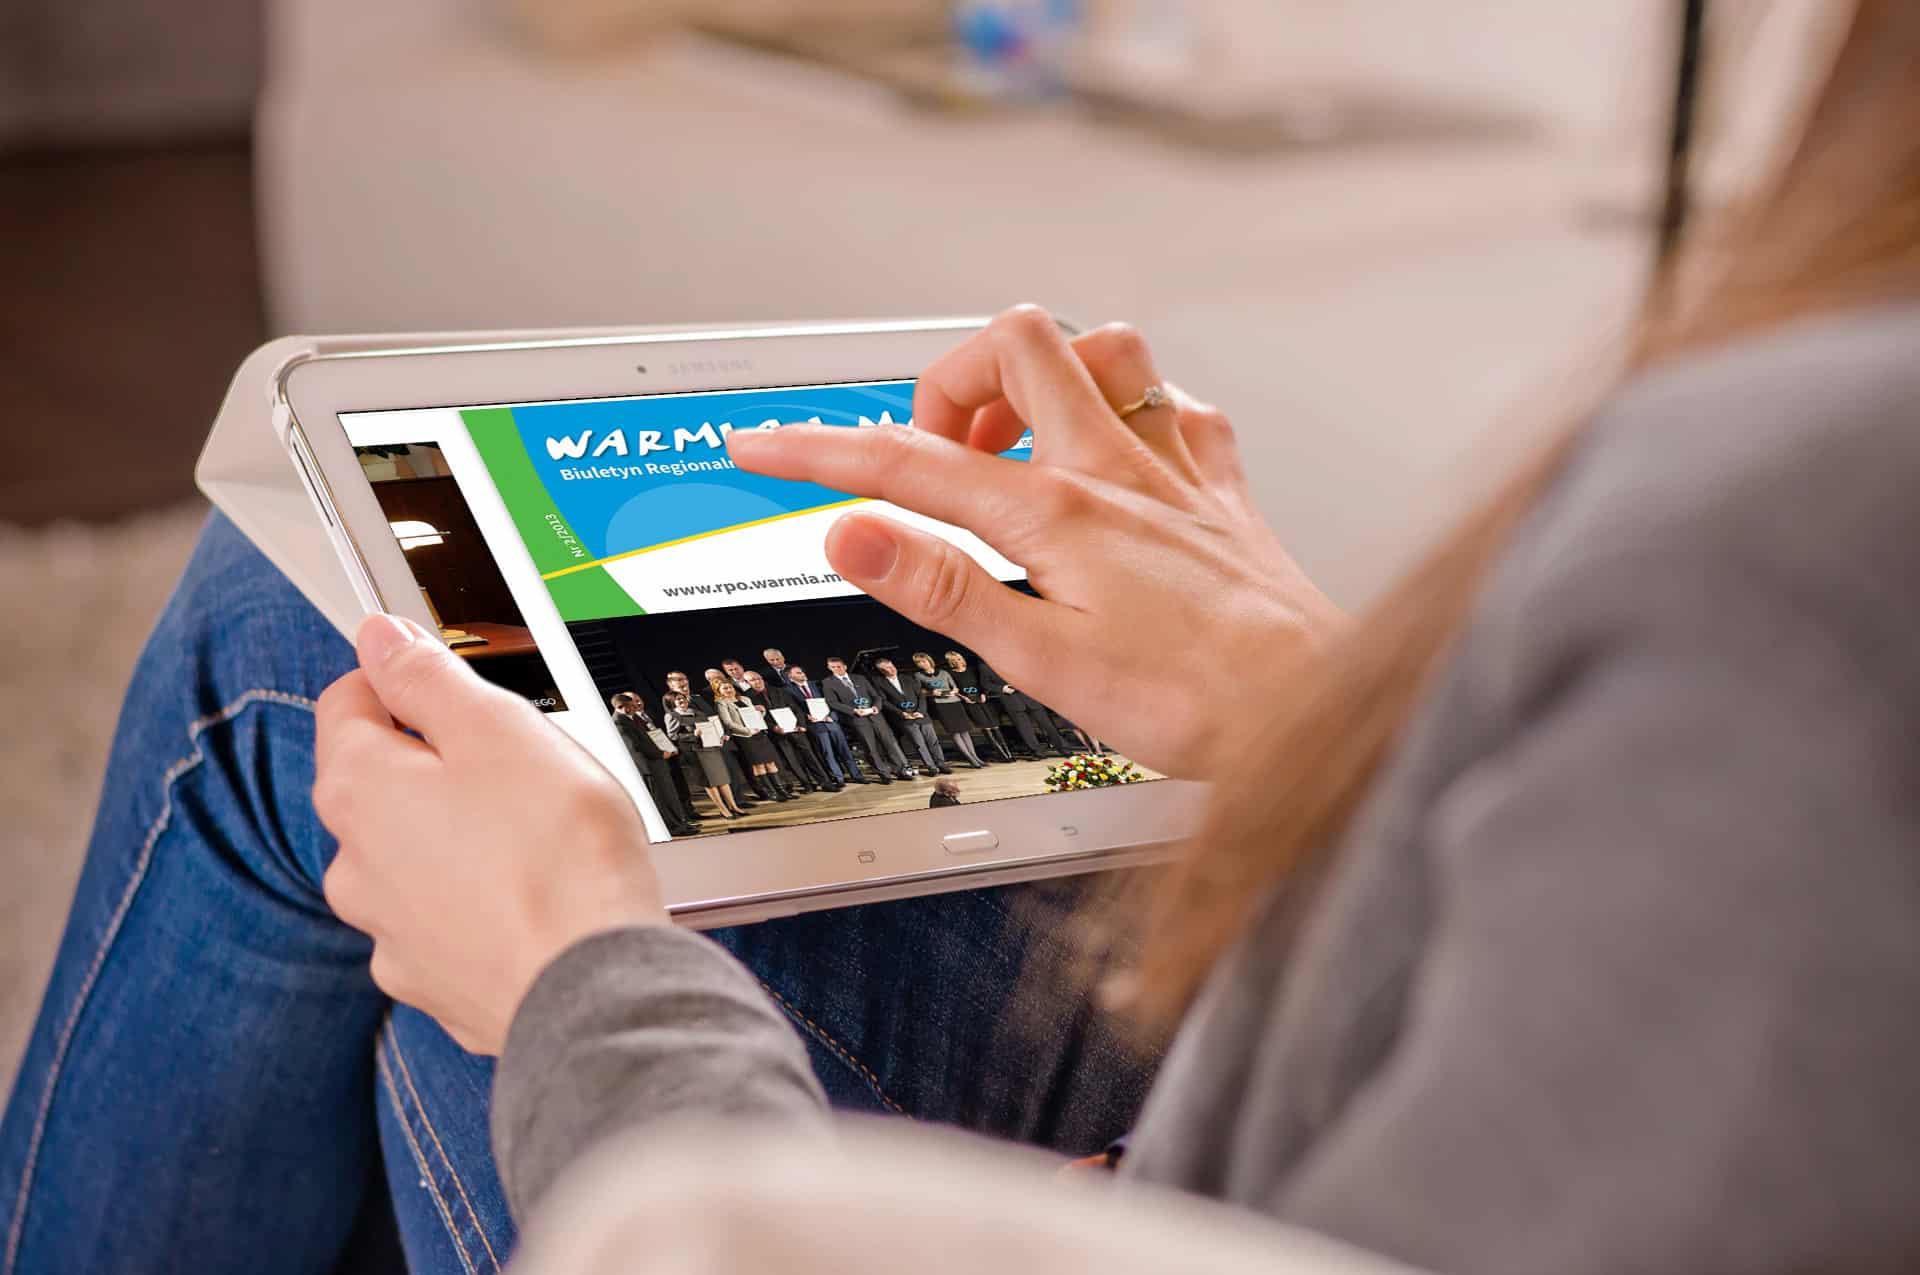 Magazyn Warmia i Mazury przeglądany w podróży na ekranie tabletu